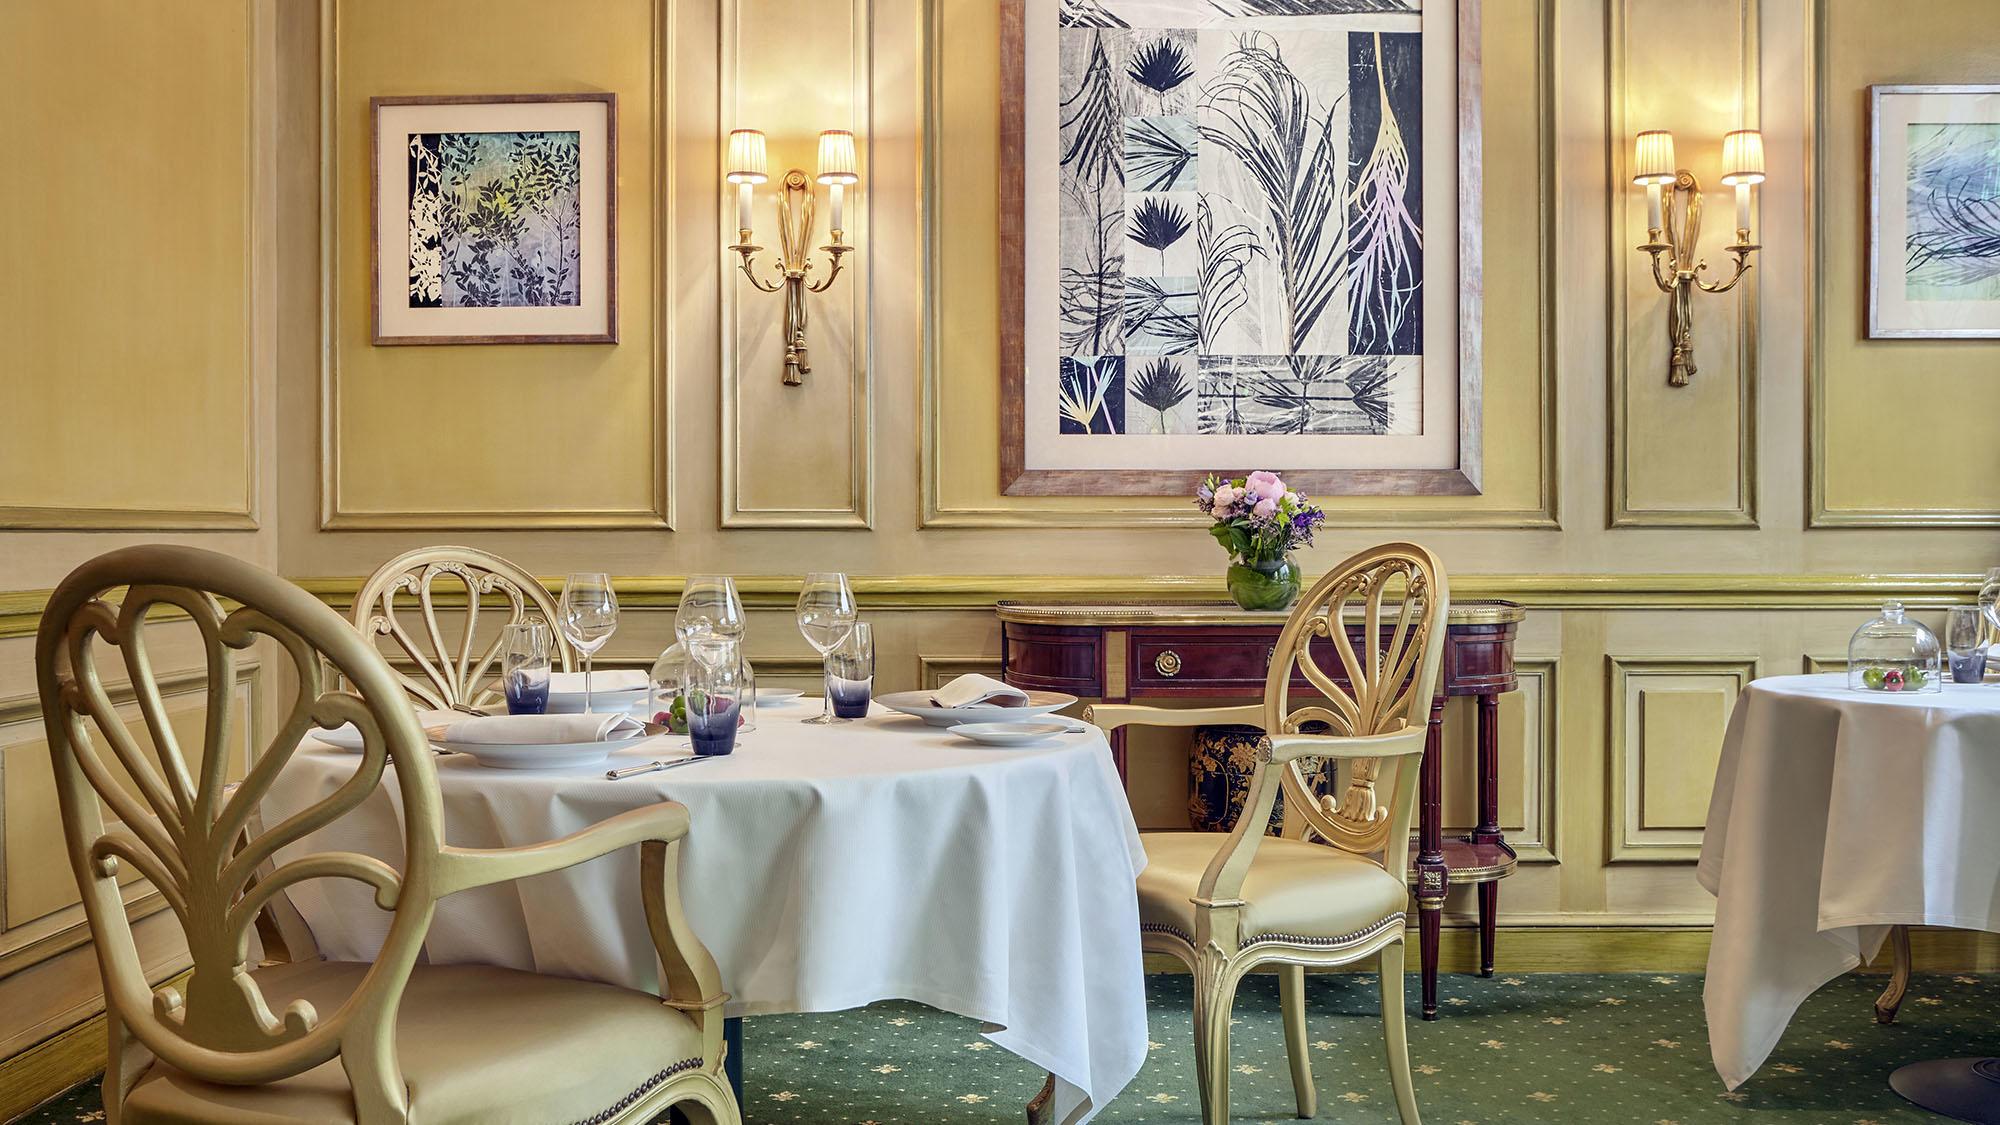 Le Celadon Restaurant Table for 3 at Hôtel Westminster